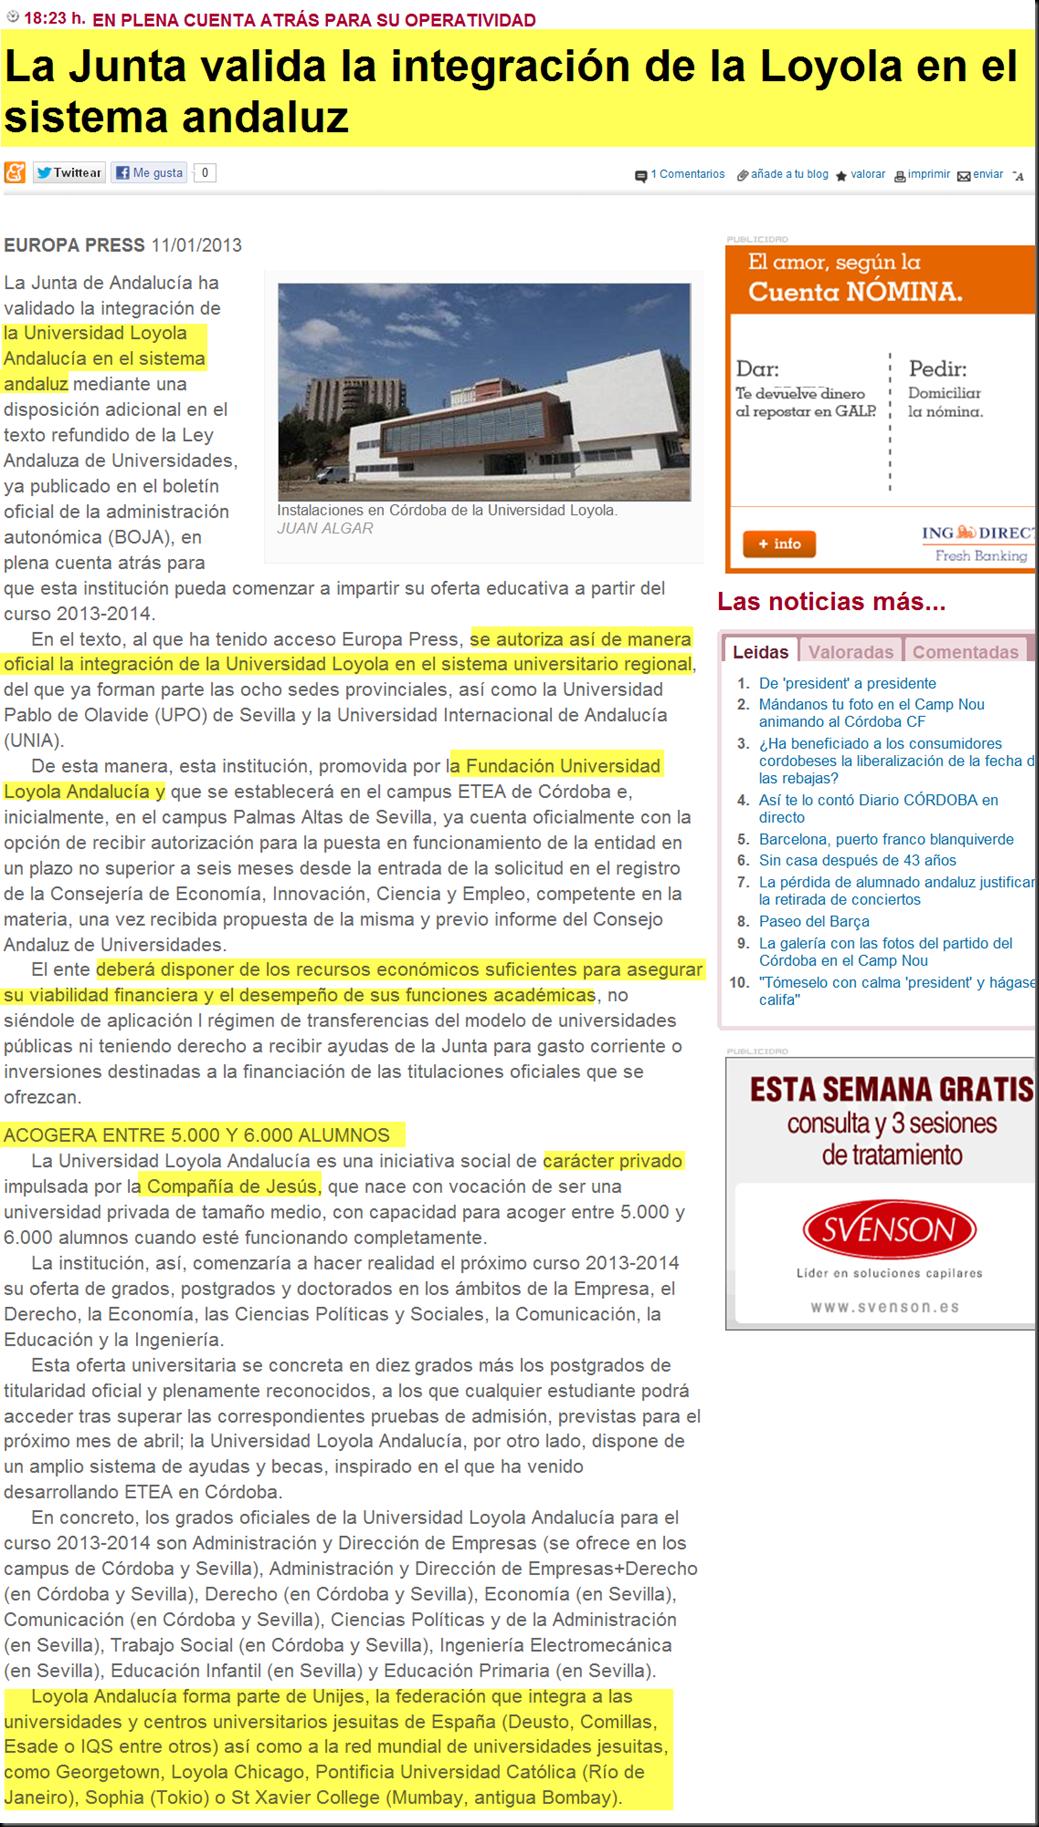 """""""La Junta valida la integración de la Loyola en el sistema andaluz"""" Image_thumb8"""